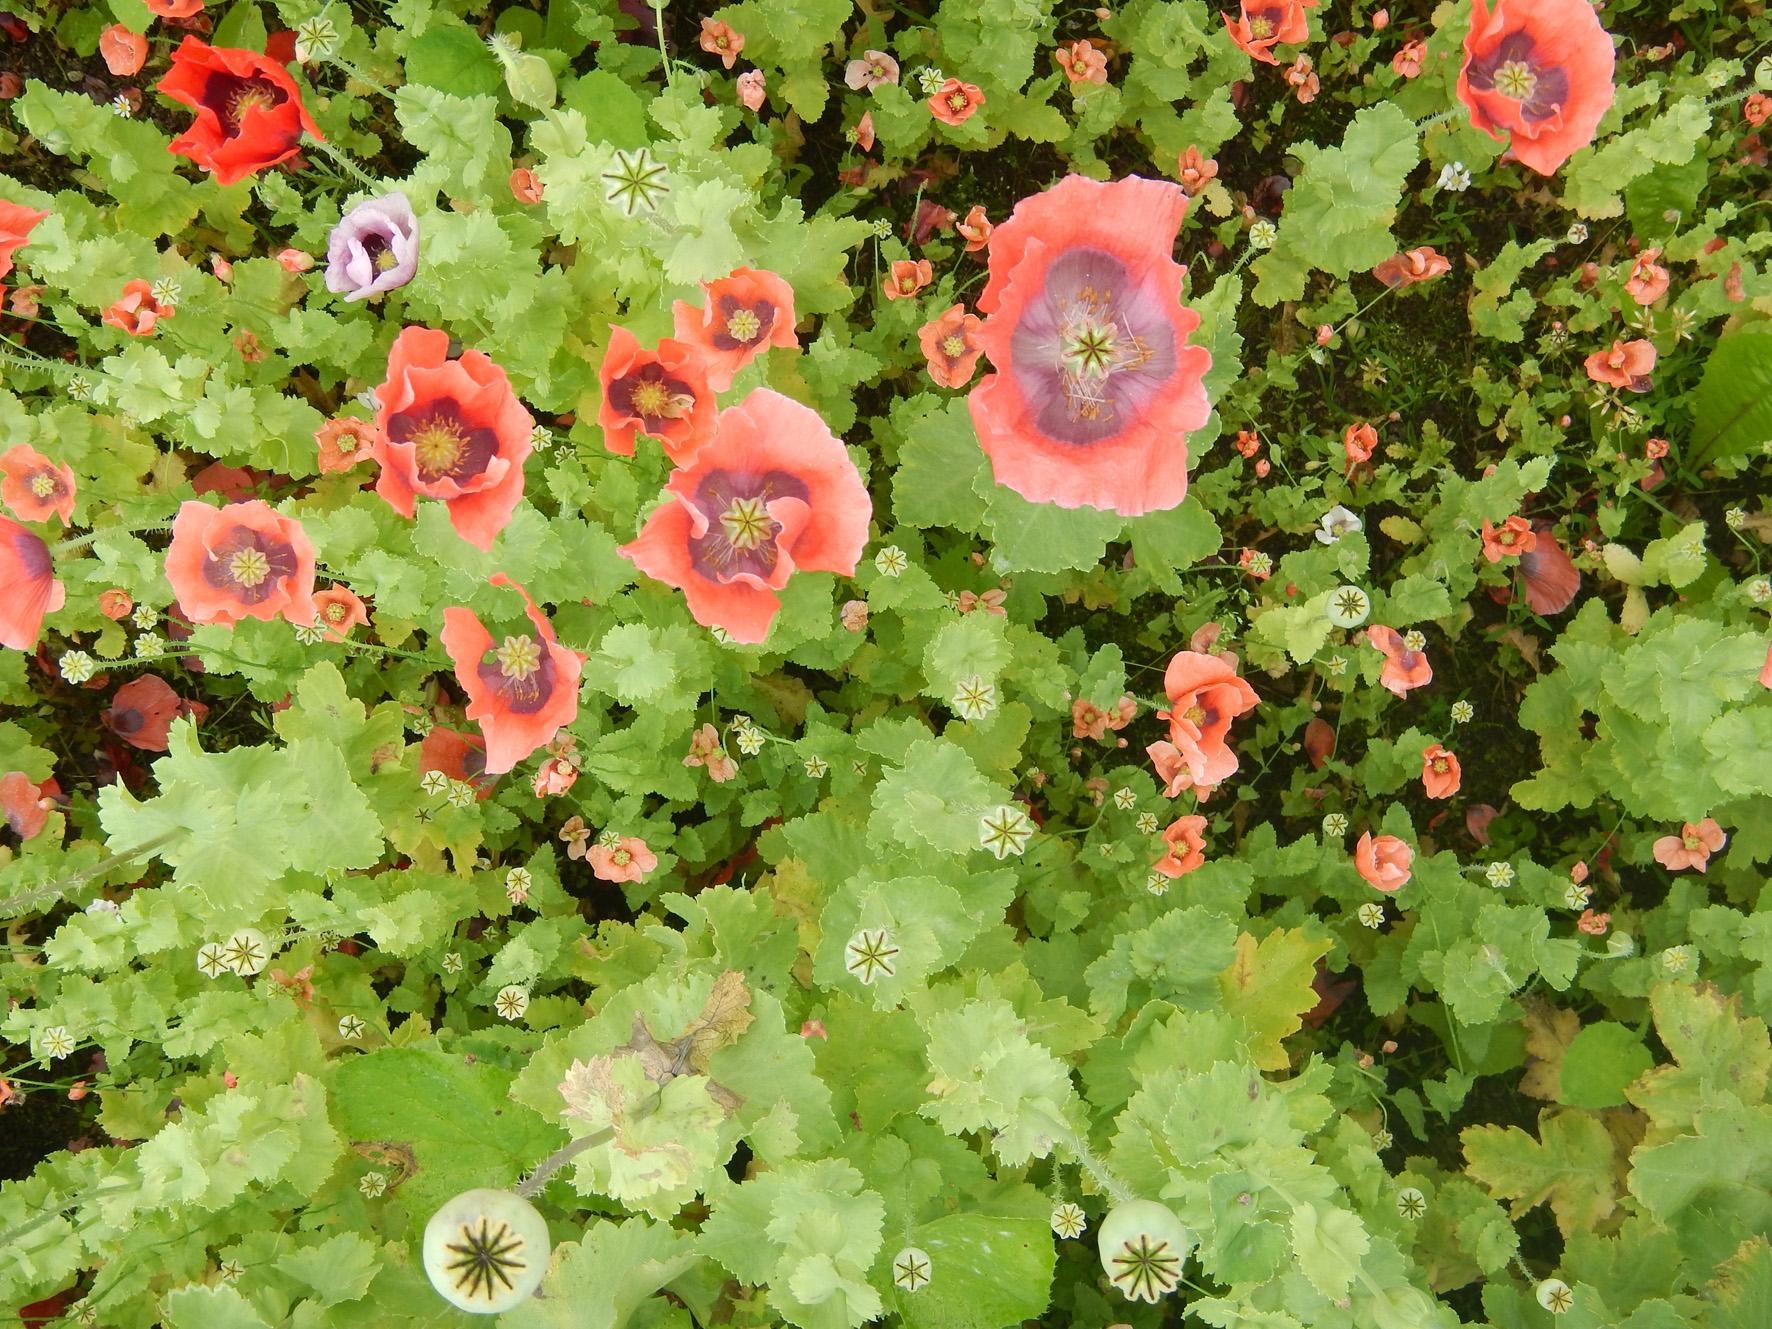 Bauerngarten auf Aarø